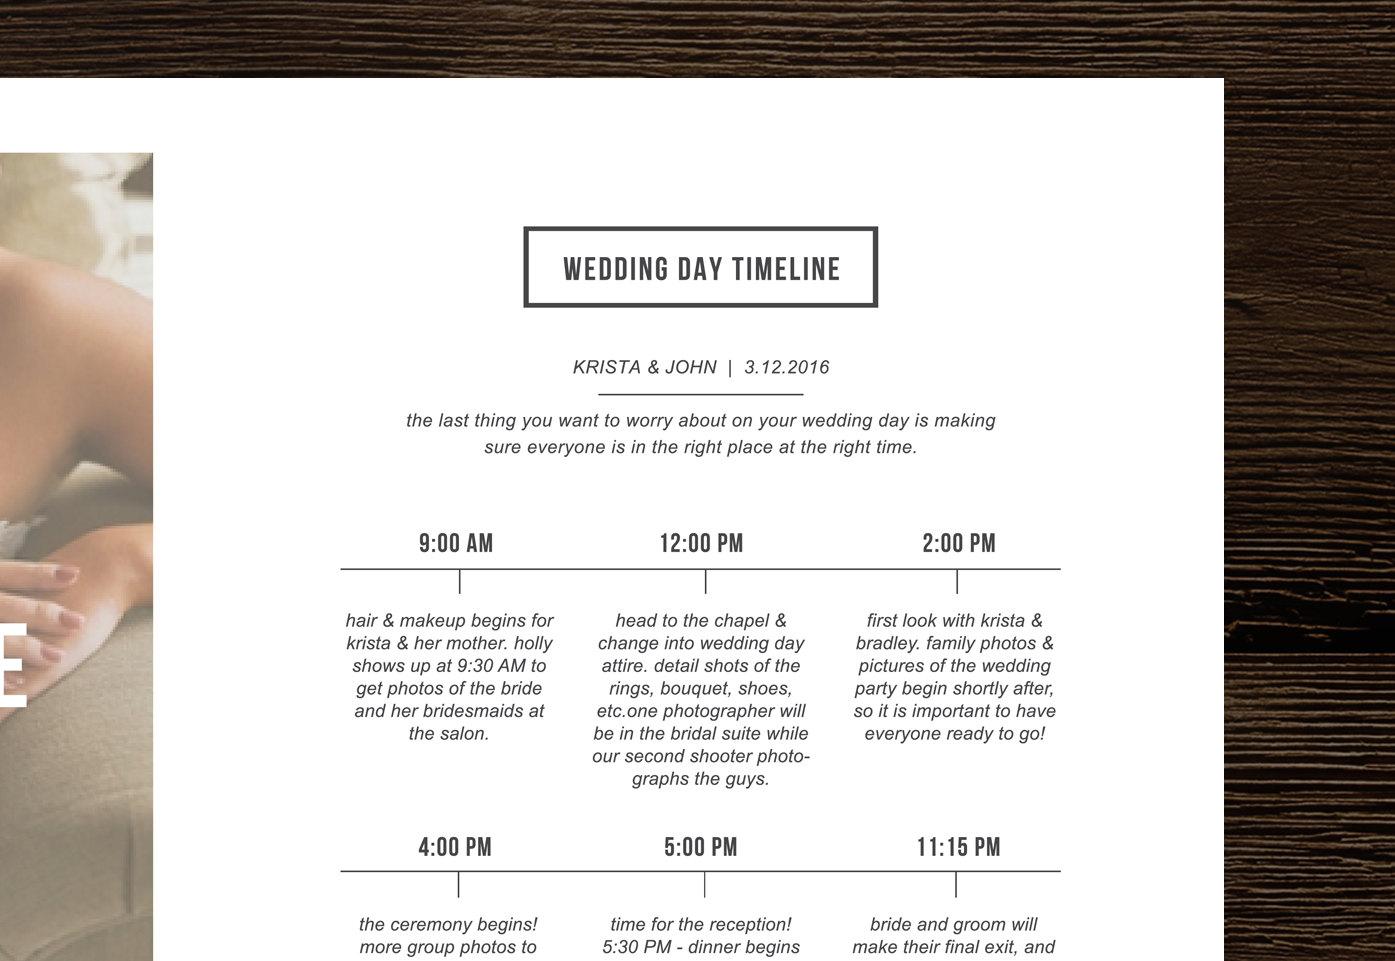 wedding timeline magazine style